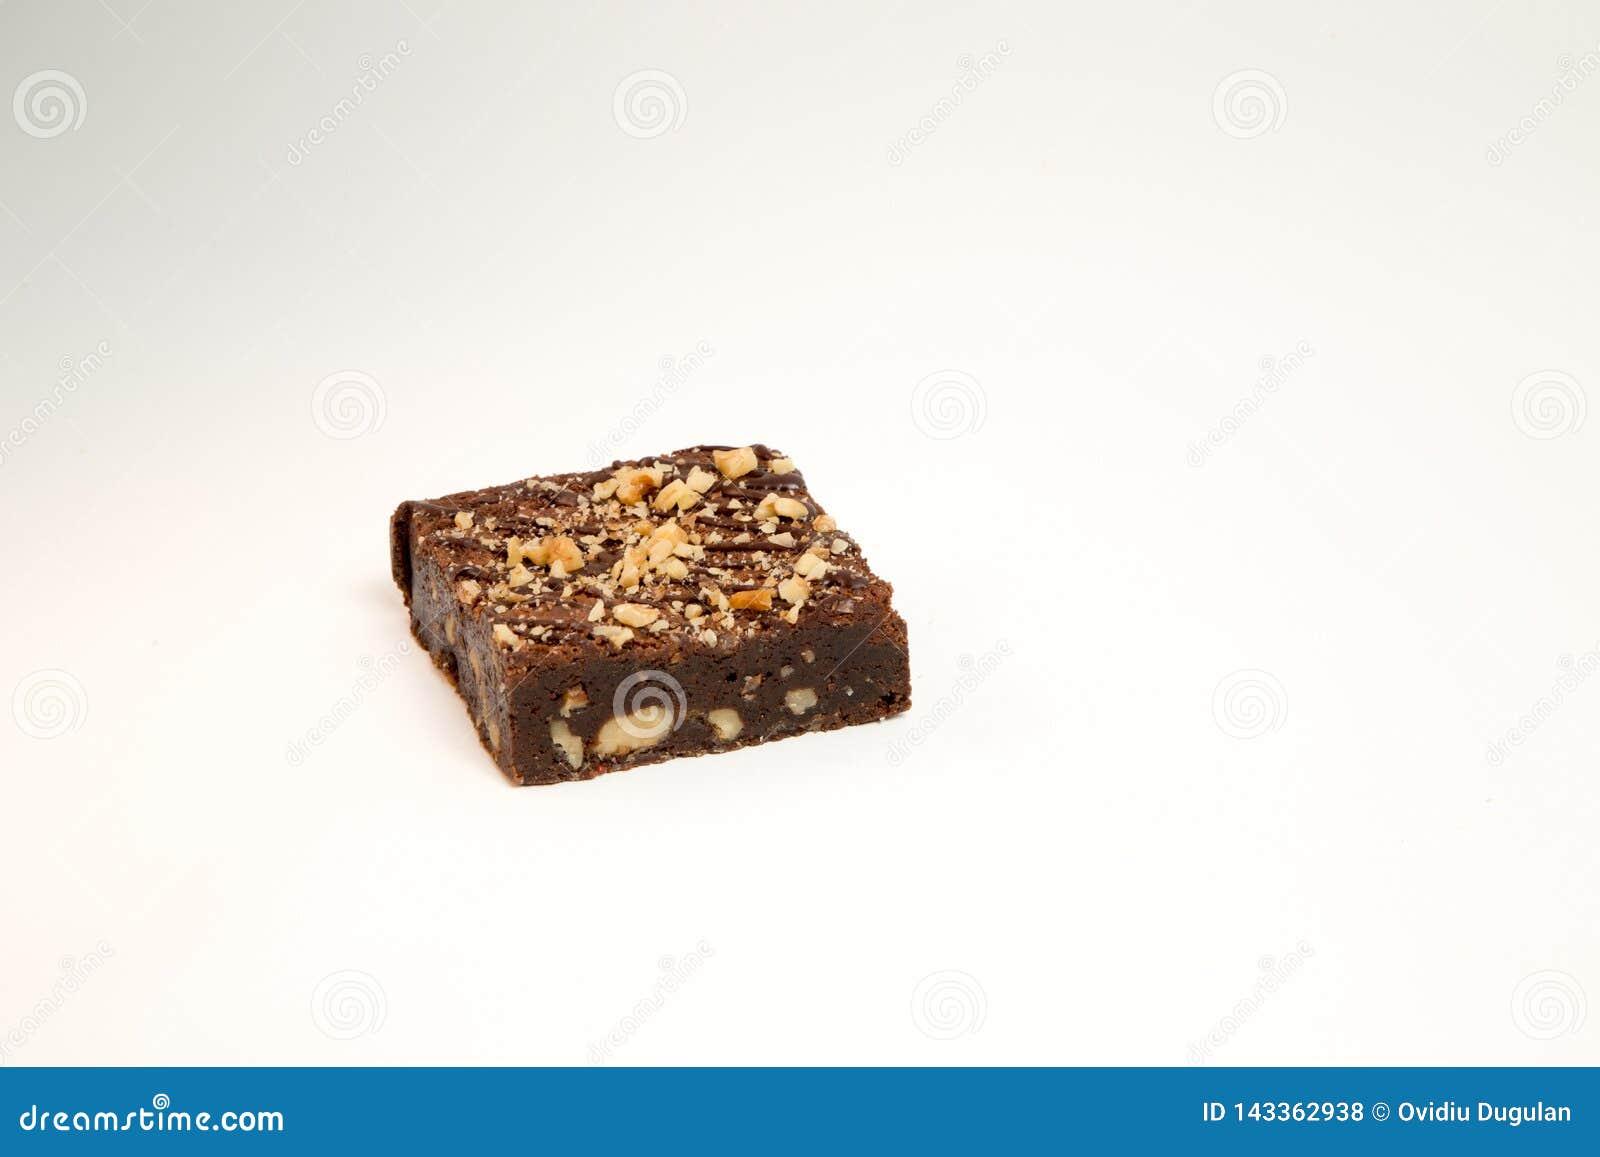 Plak van de cake van de hazelnootbrownie op witte achtergrond, geen schaduw wordt geïsoleerd die